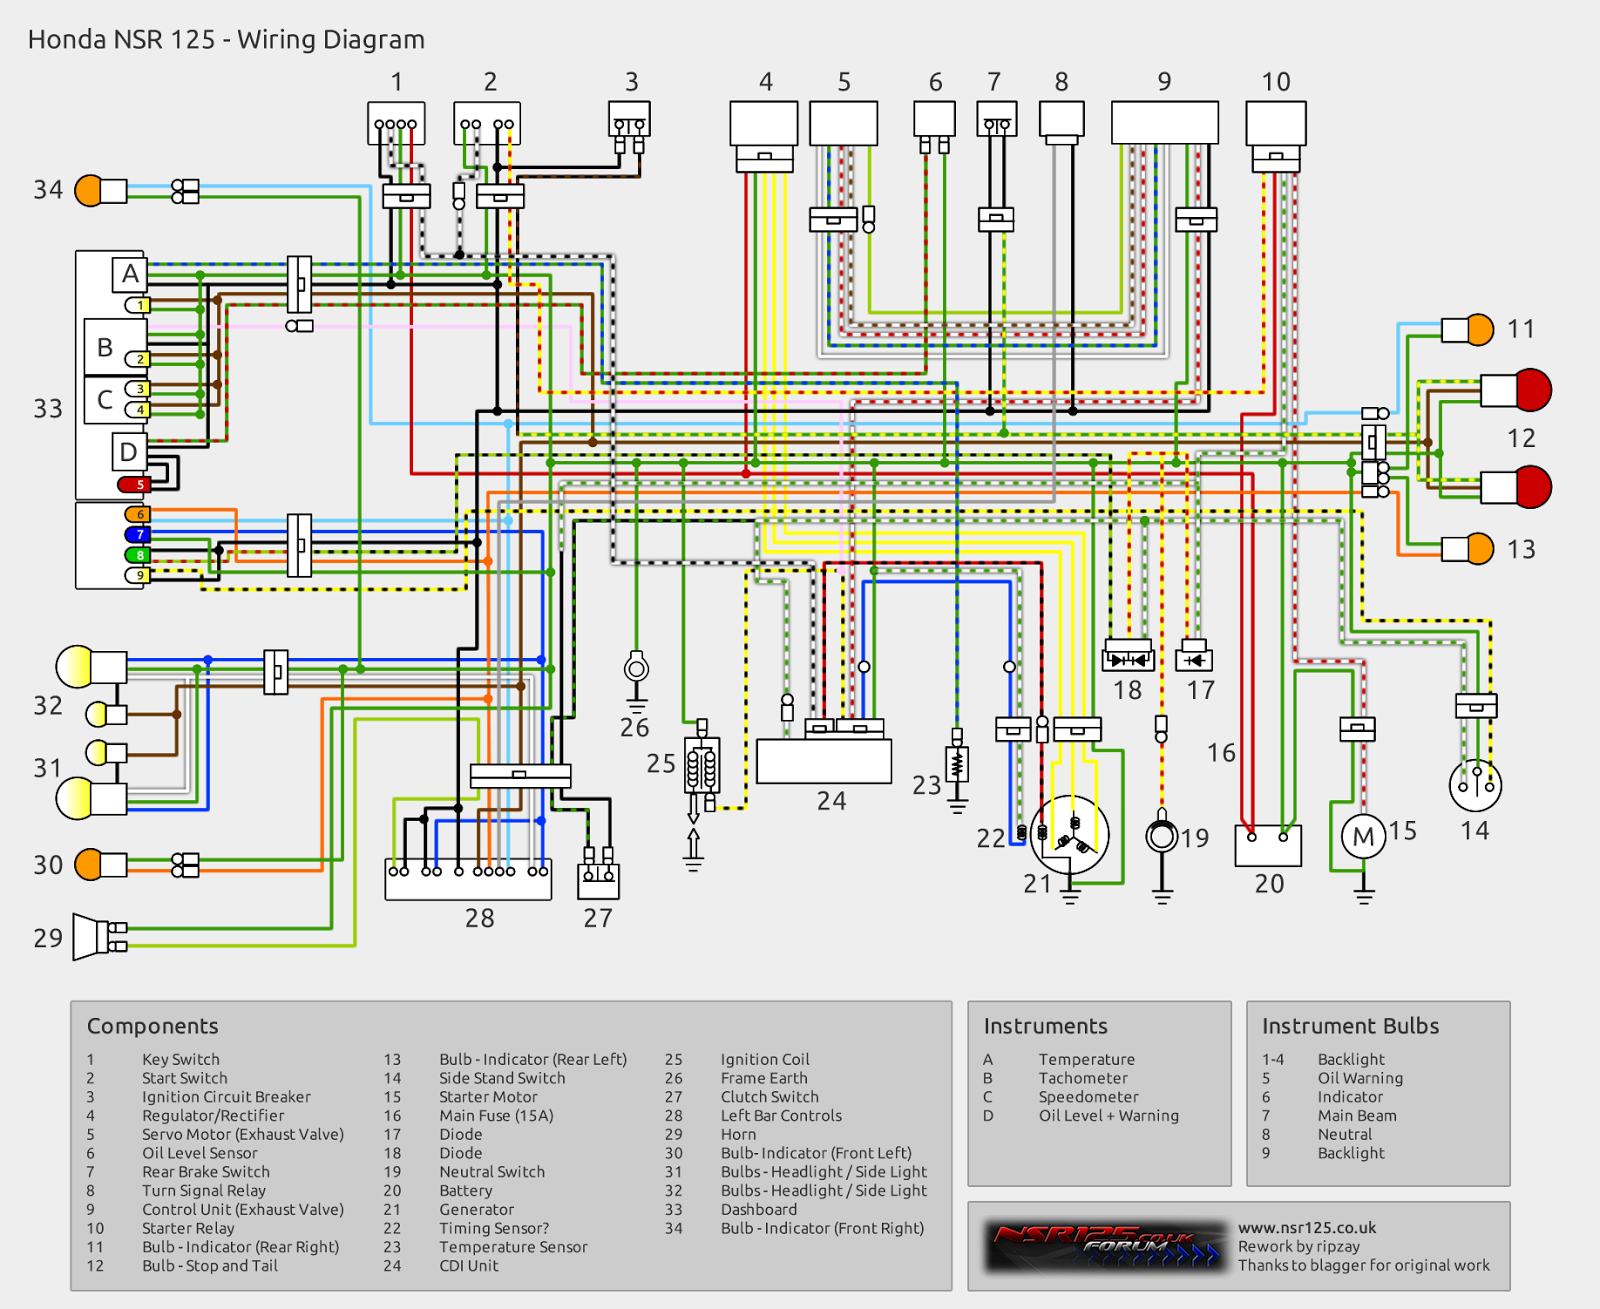 yamaha r6 tail light wiring diagram suzuki c50 wiring [ 1600 x 1309 Pixel ]